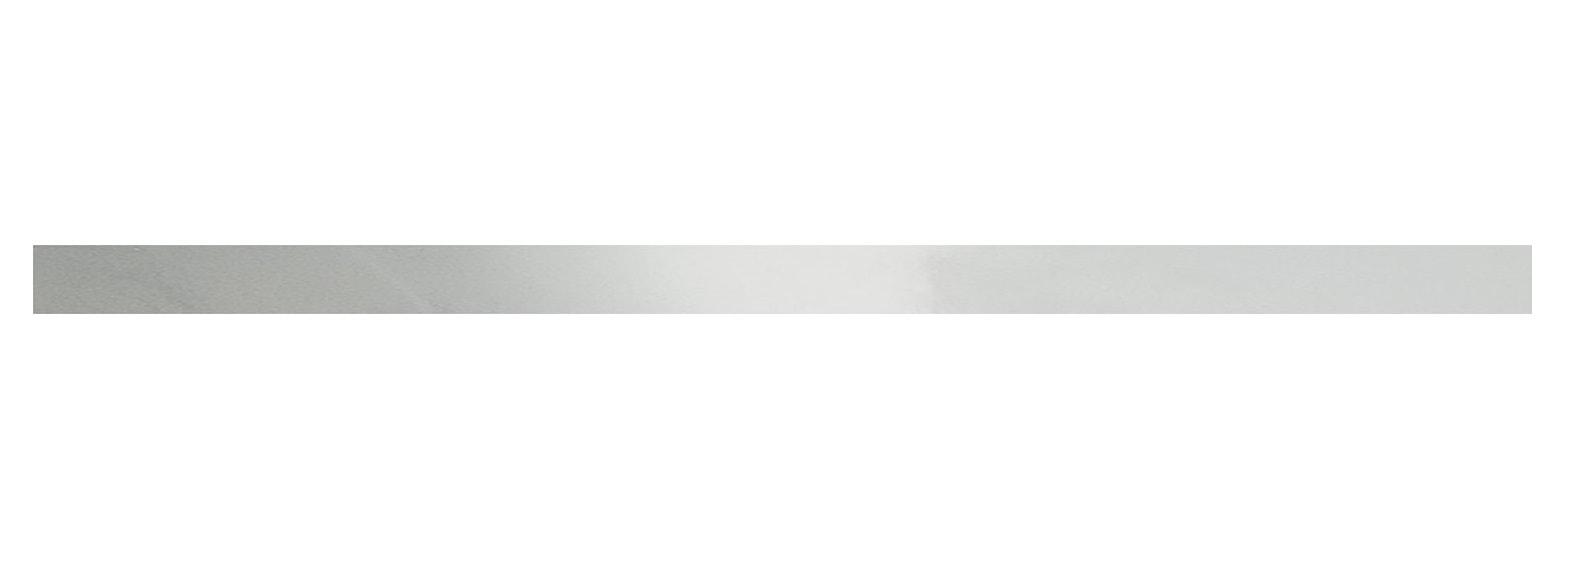 Listwa ścienna Tubądzin Steel 21 POL 119,8x5,5 cm tubSte21Pol1198x55